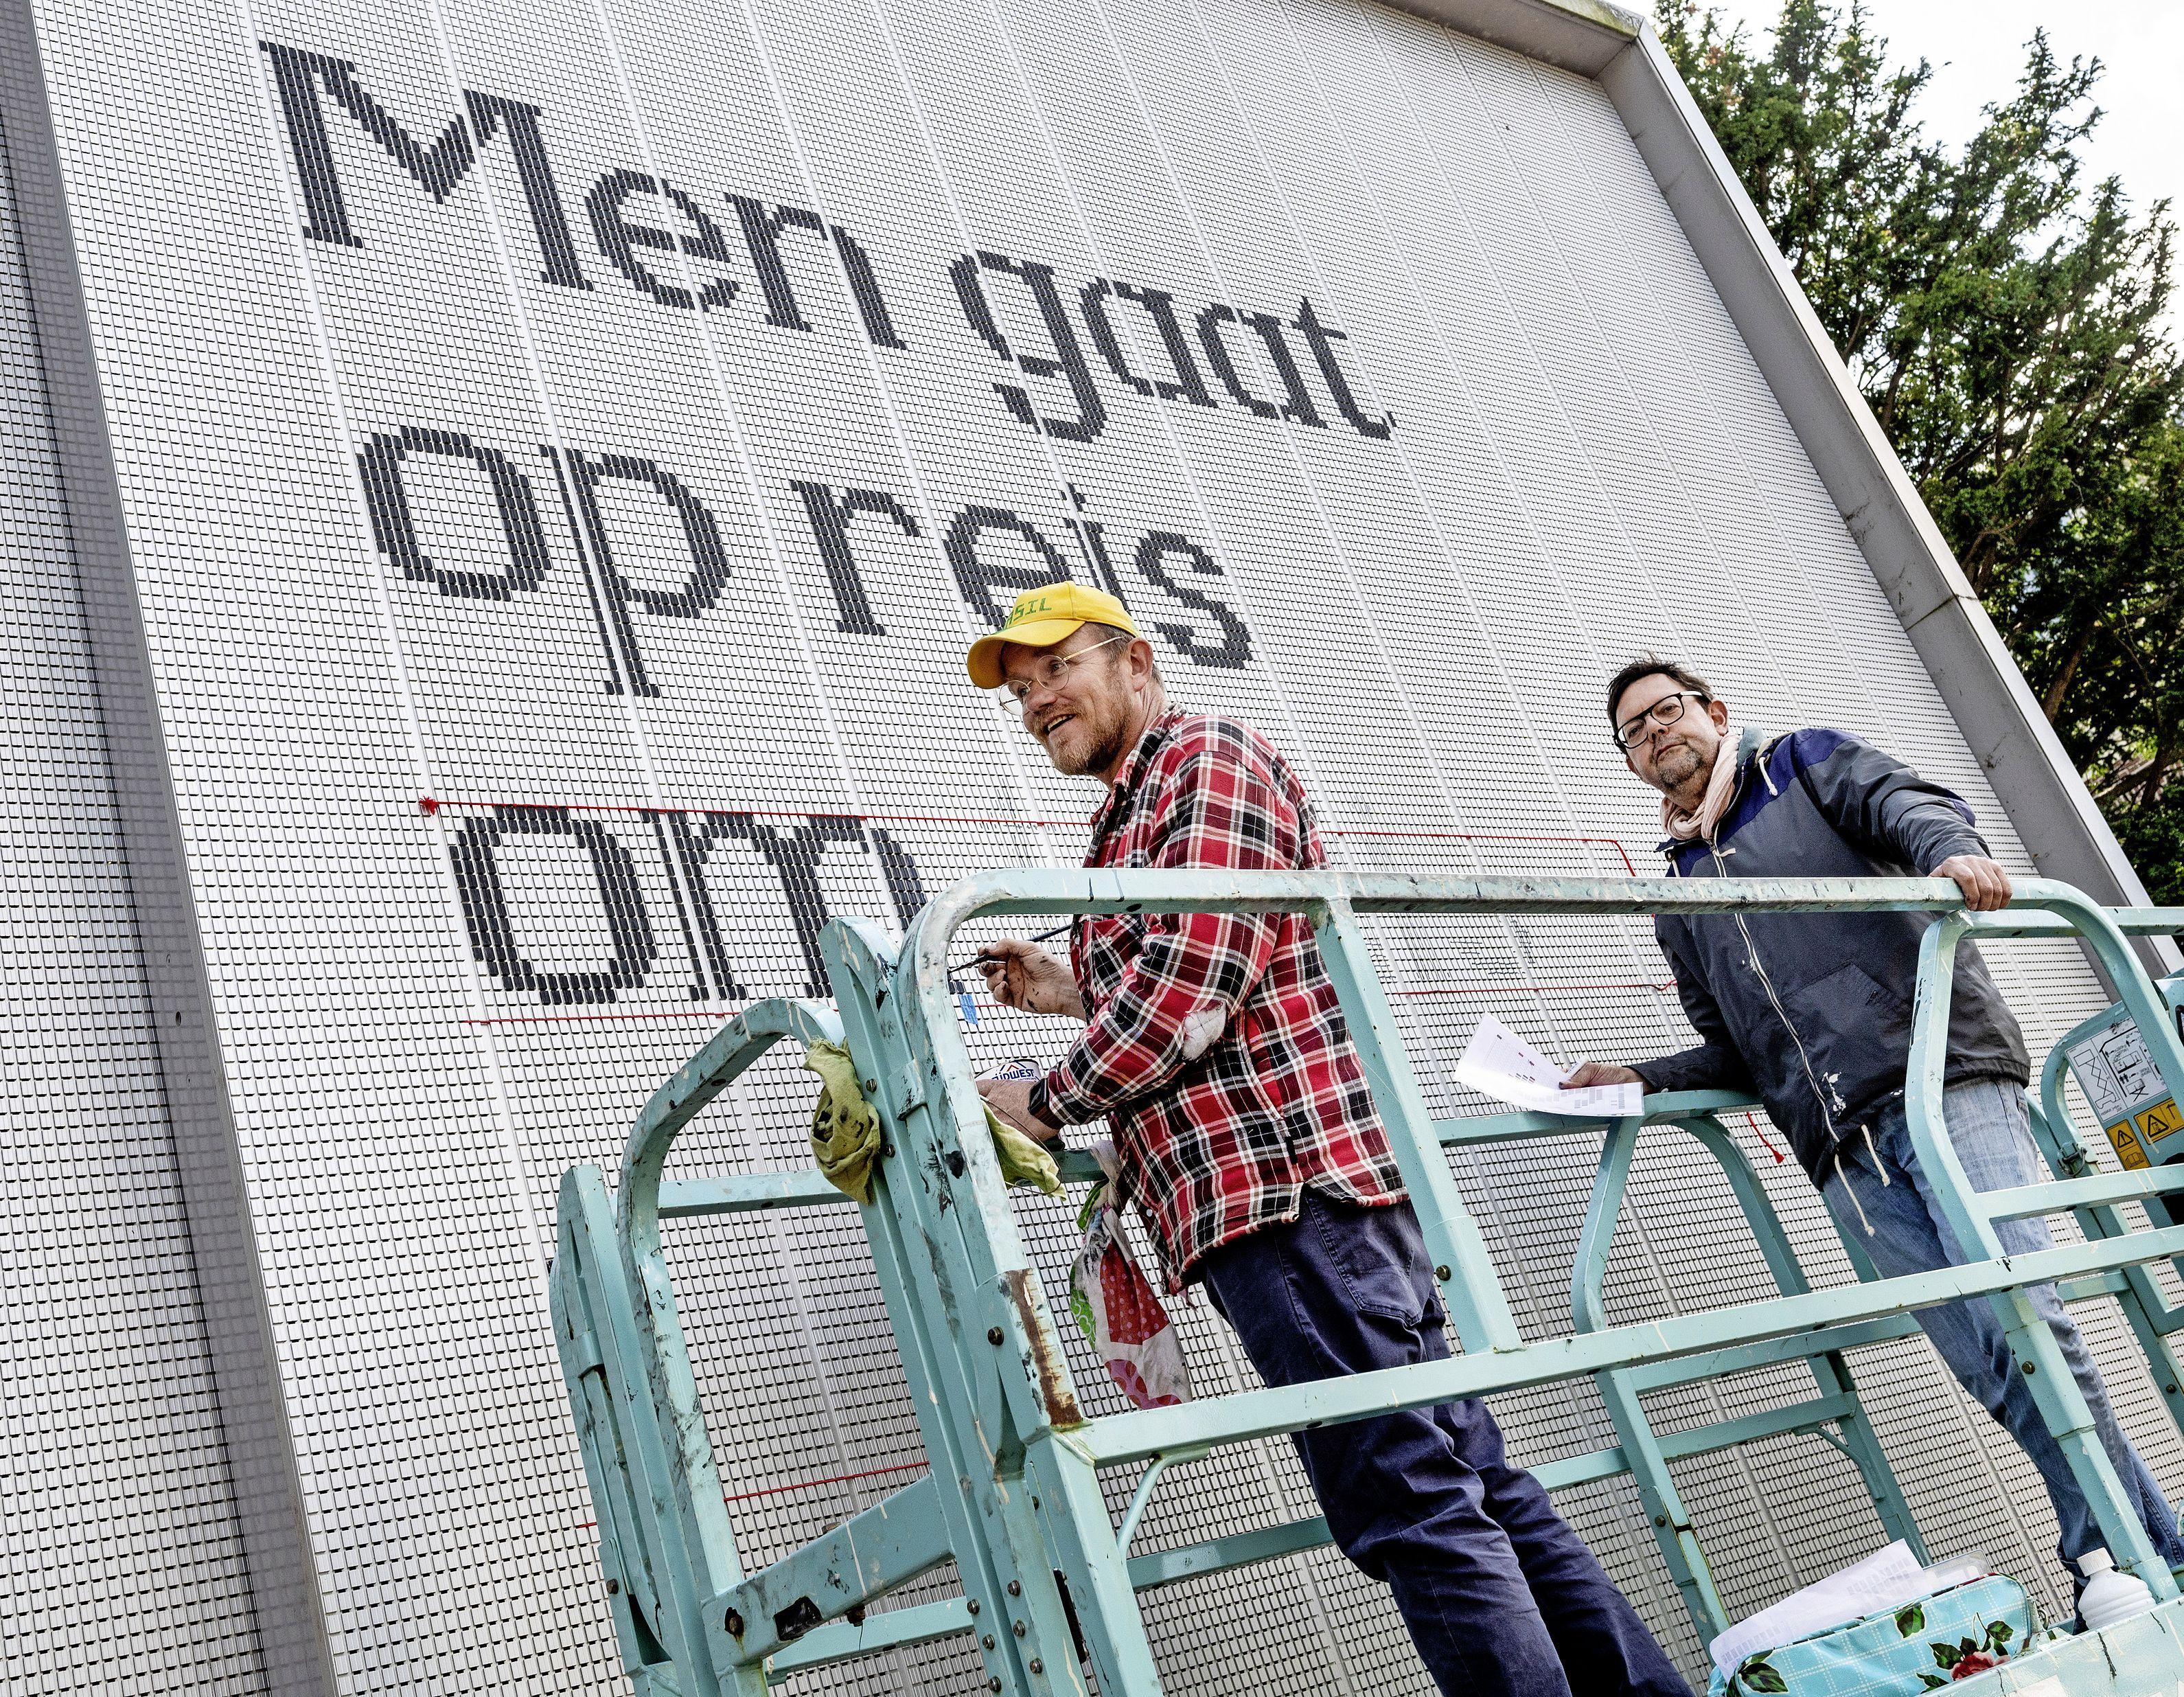 Schrijver Godfried Bomans vereeuwigd op het station van Haarlem: 'Men gaat op reis om thuis te komen'